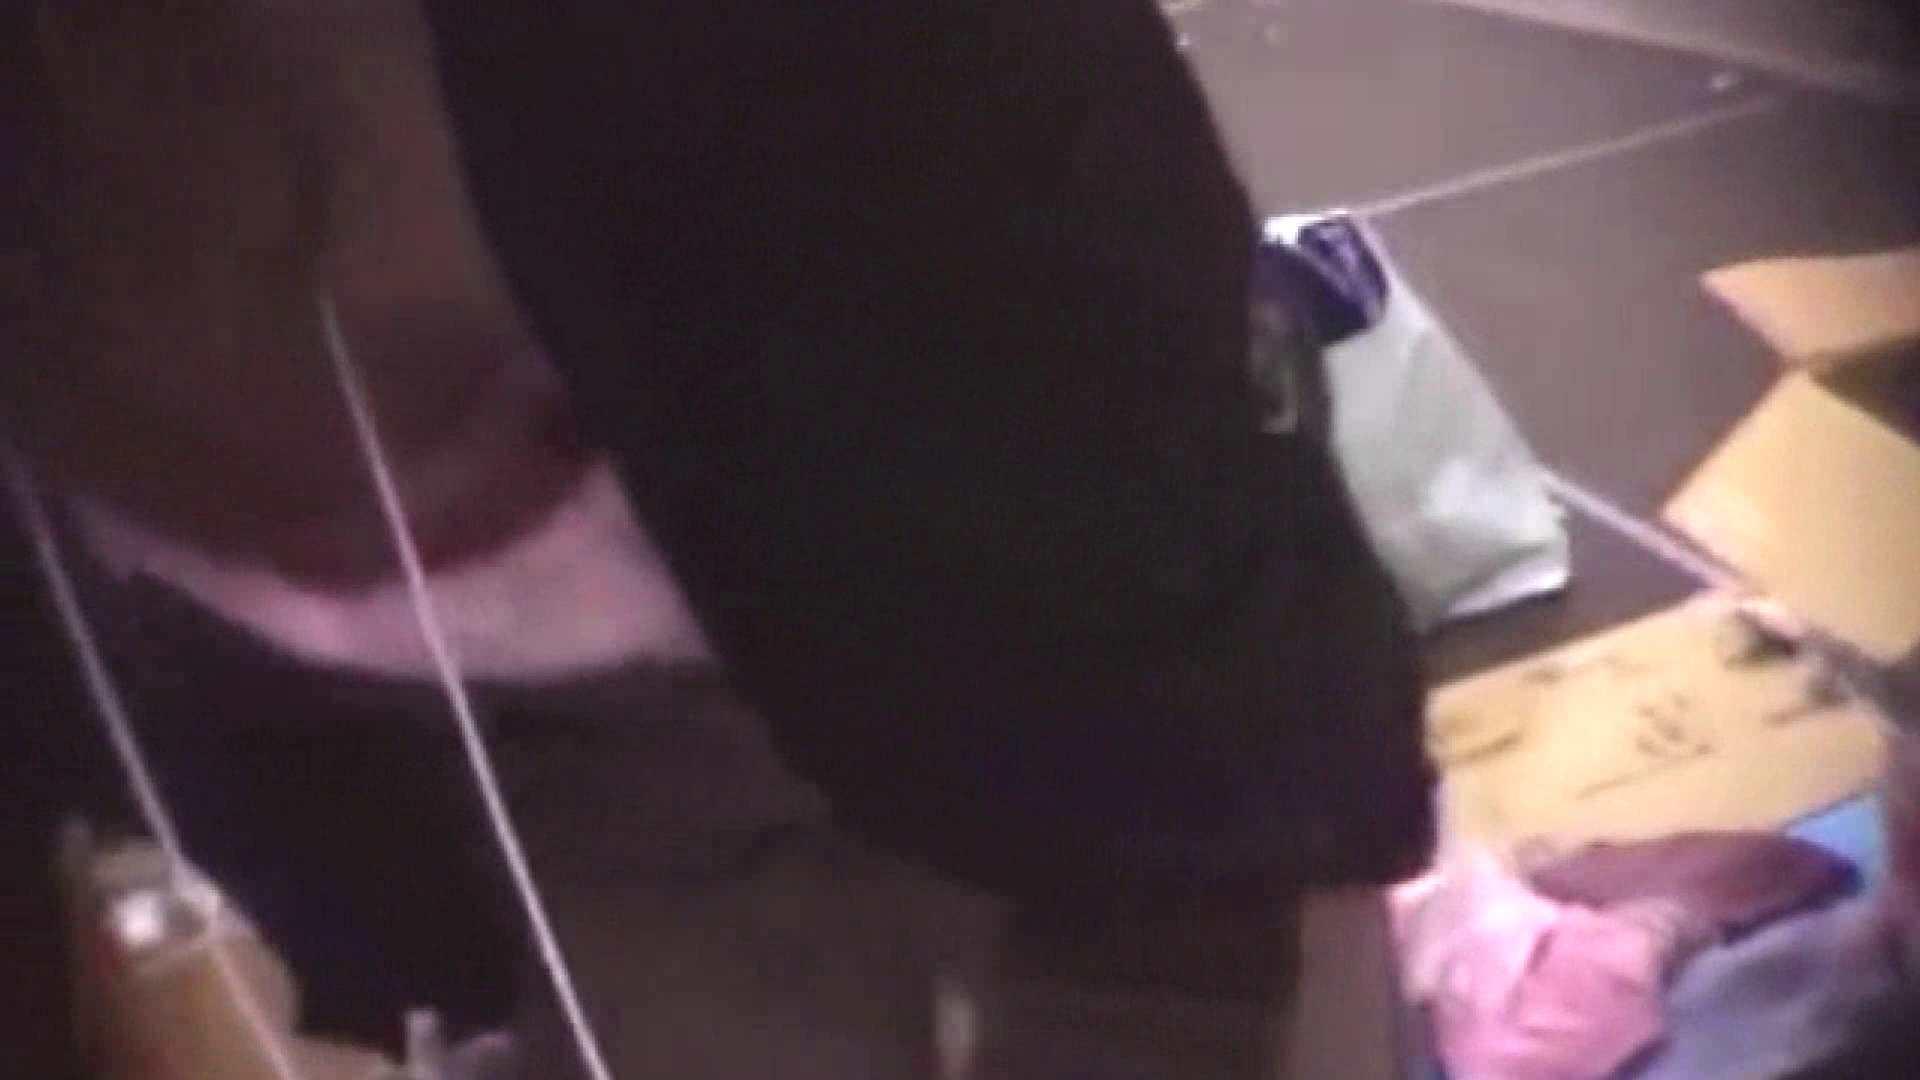 真剣に買い物中のgal達を上から下から狙います。vol.07 OLのエロ生活  95連発 54